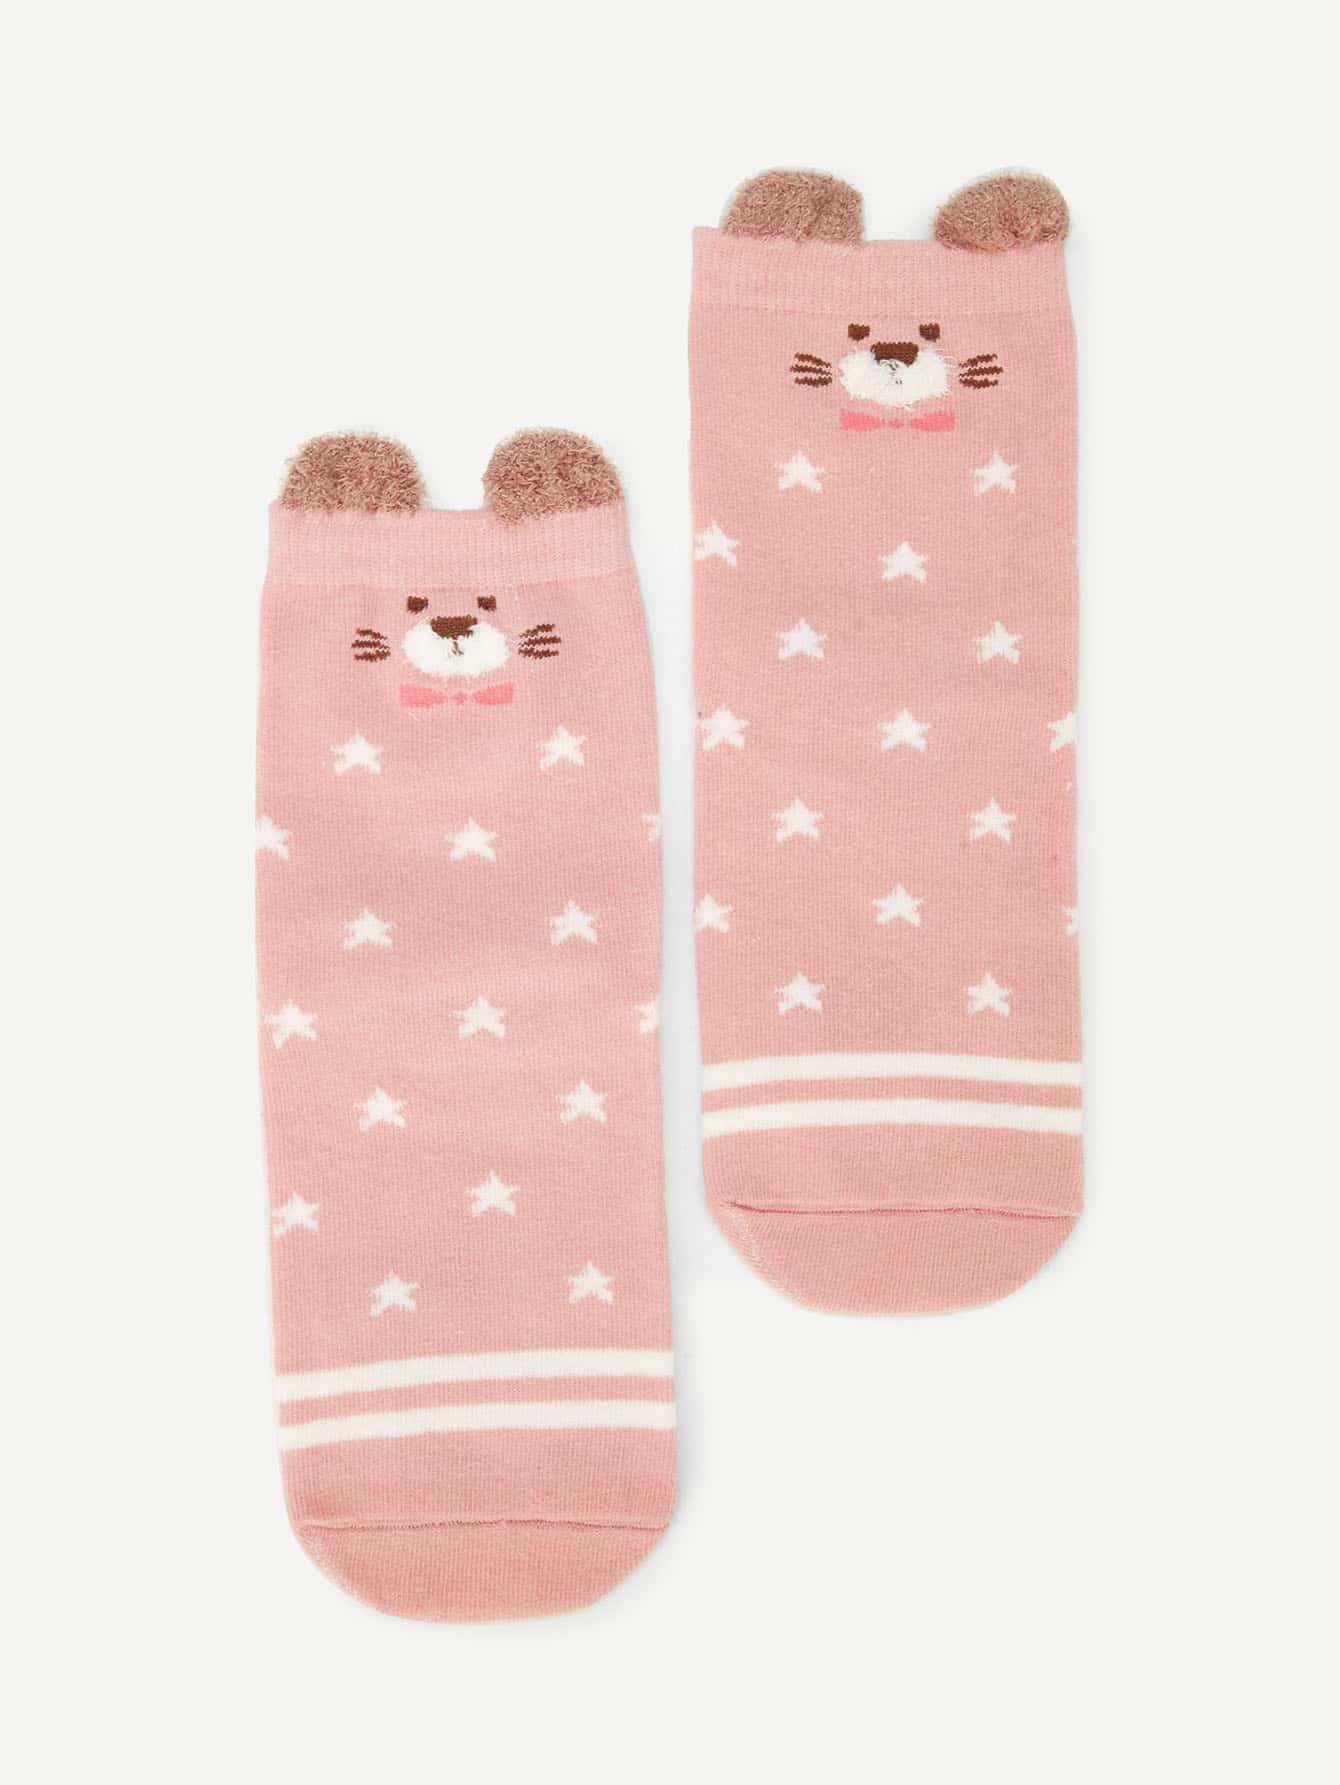 Купить Романтичный стиль Мультяшный принт Розовый Детские носки и колготки, null, SheIn